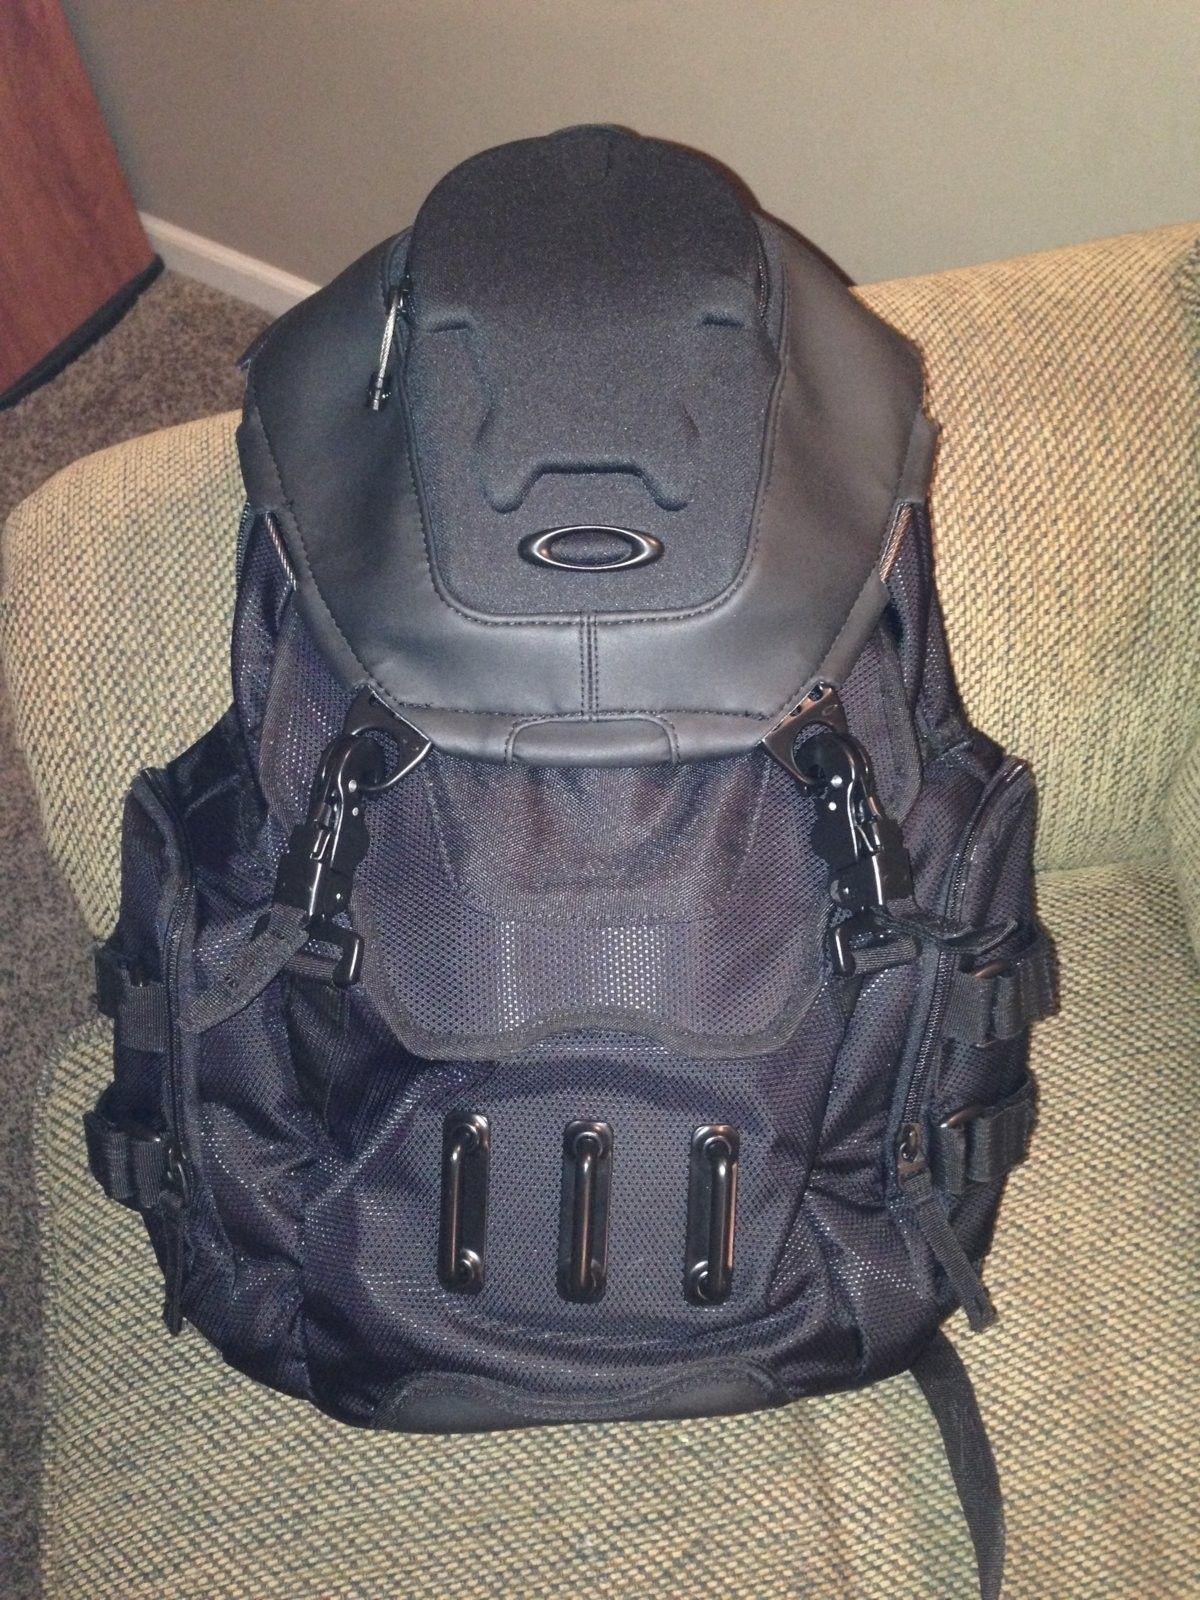 Oakley Bathroom Sink Backpack - Stealth Black - 726.JPG